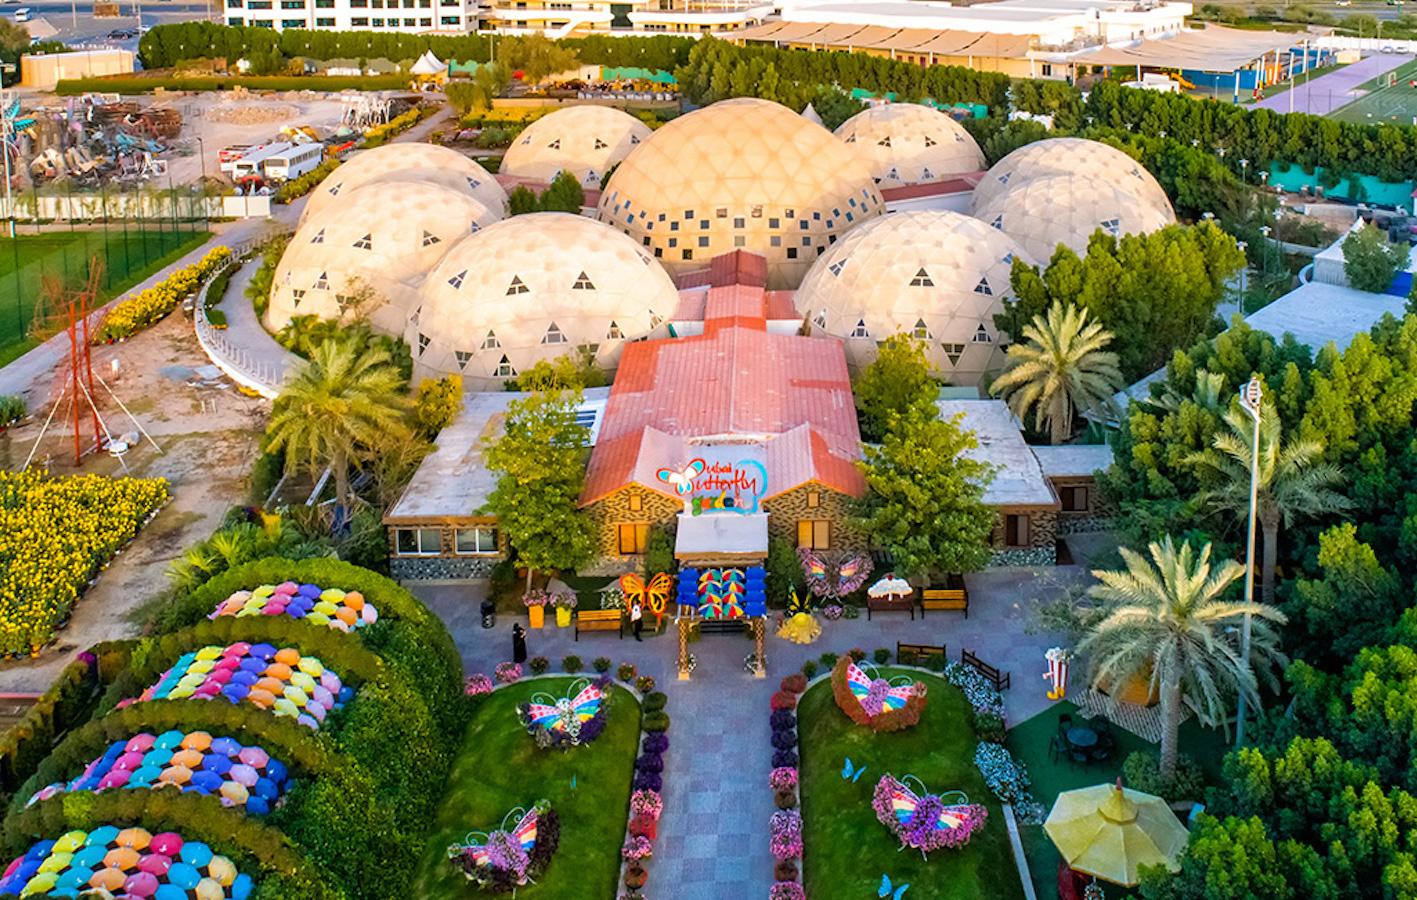 Dubai Butterfly garden domes